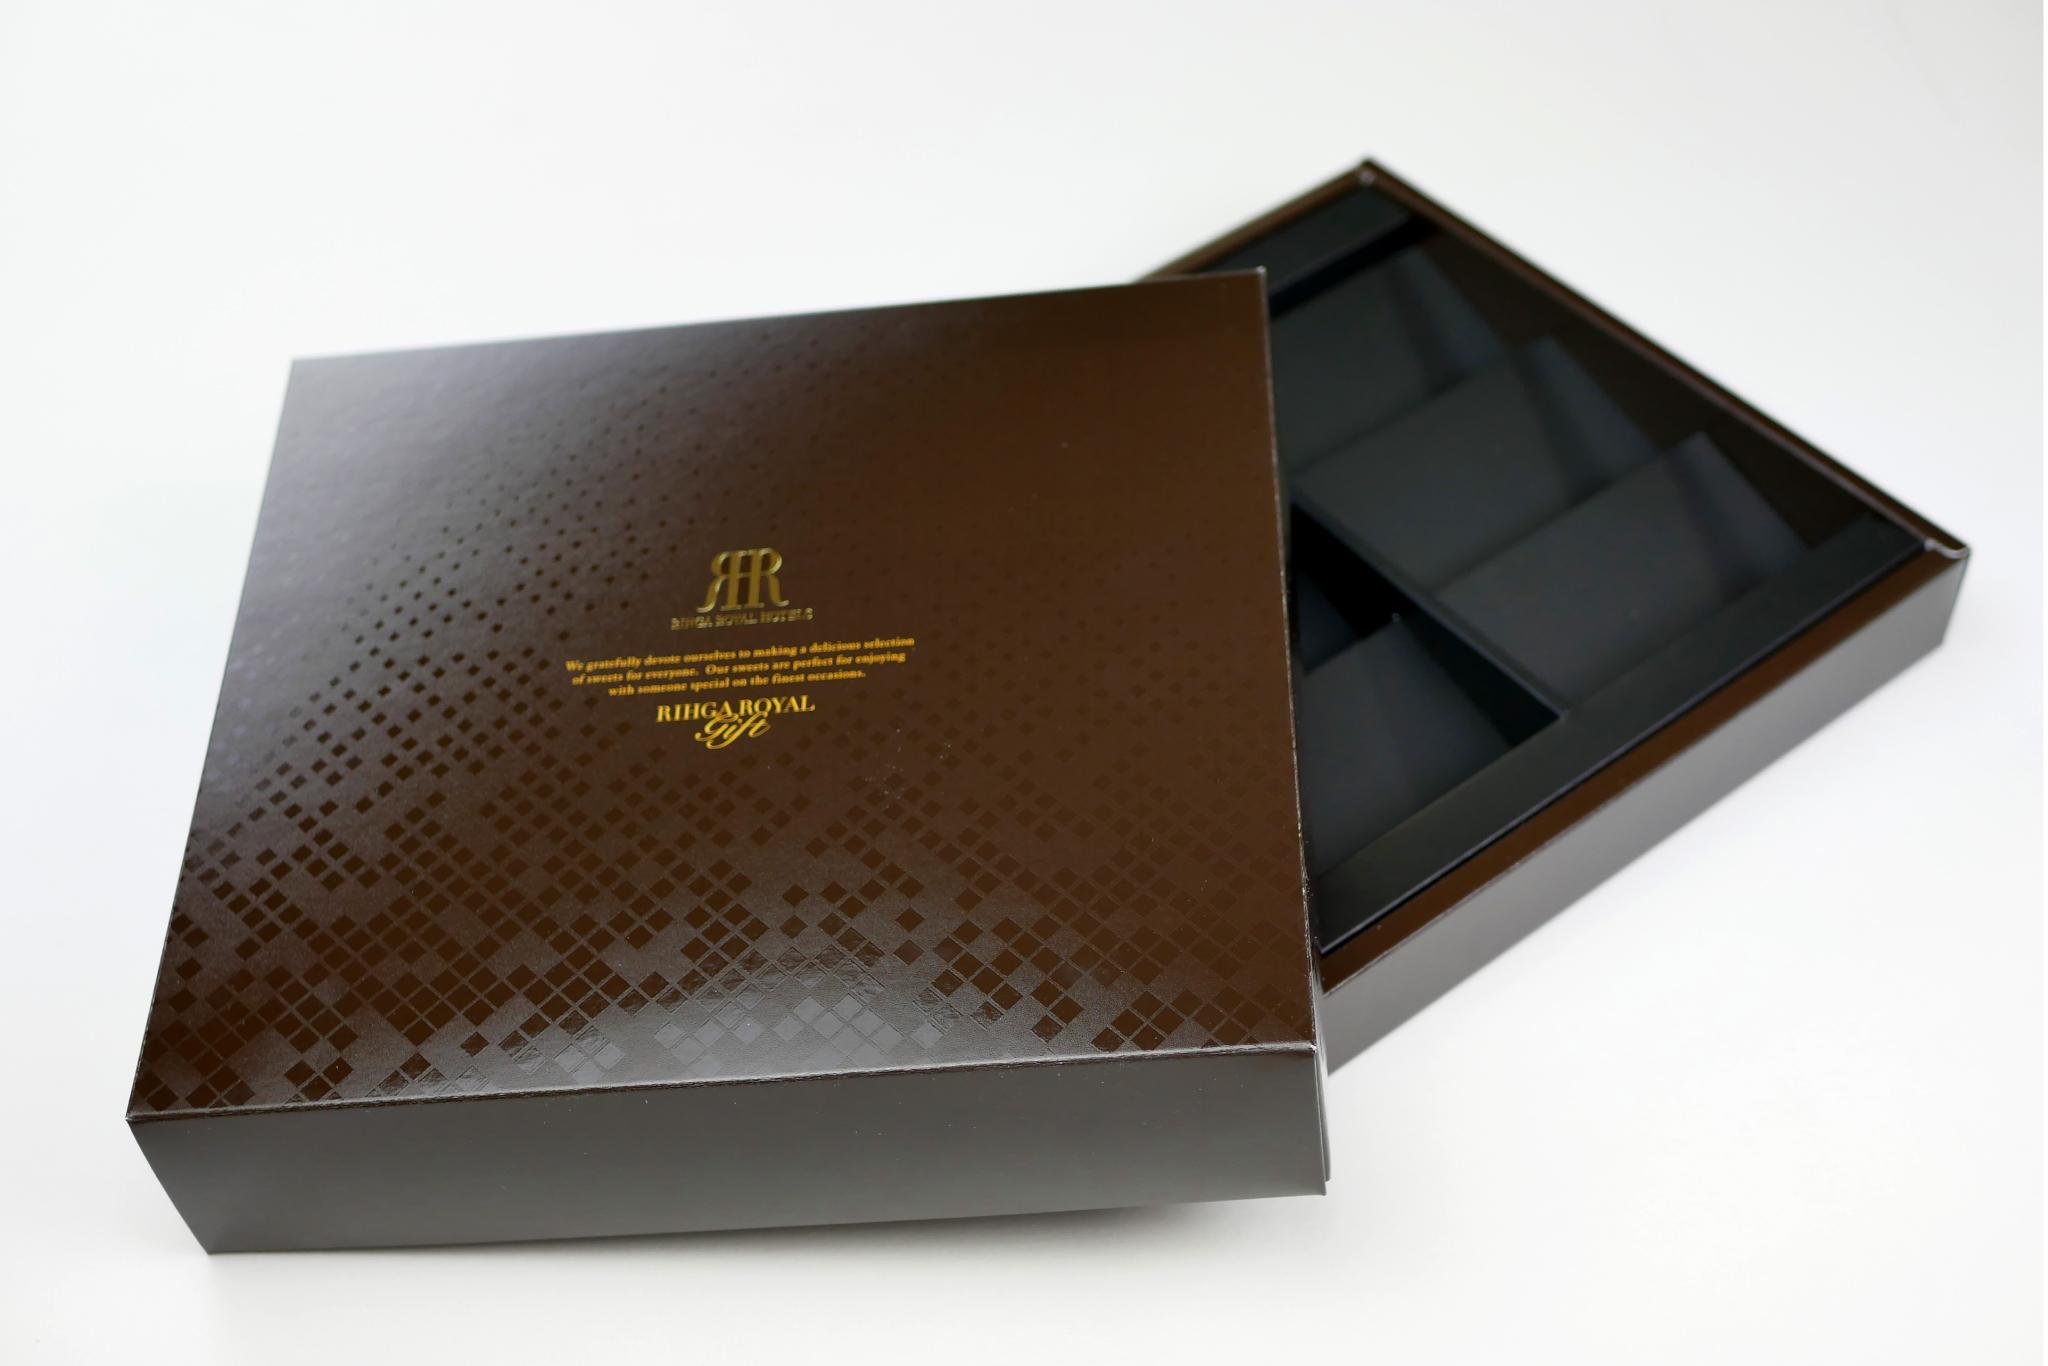 ギフトボックス ロイヤルクッキーのパッケージ写真です